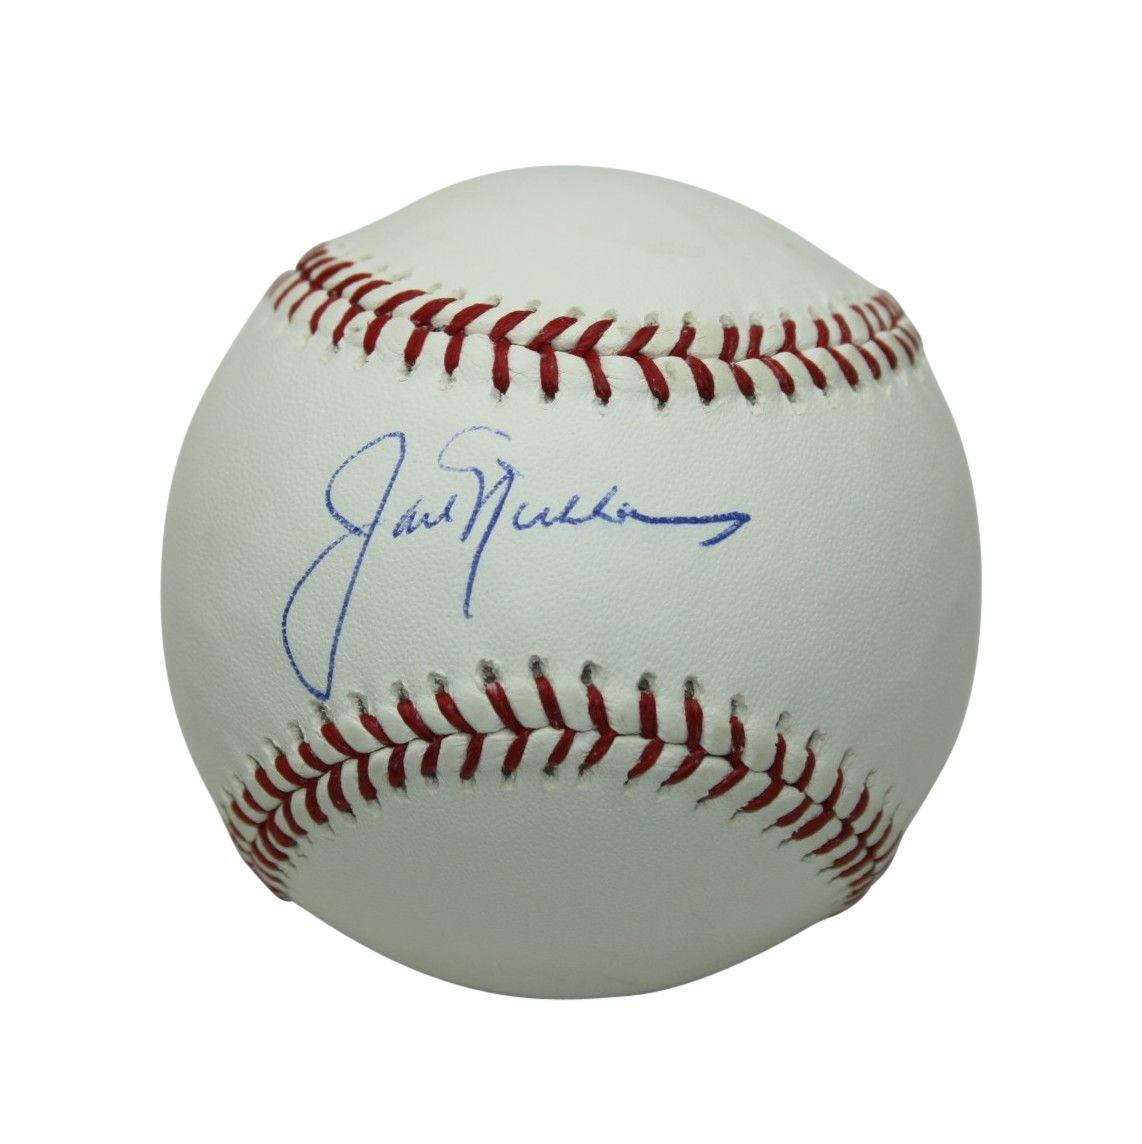 e9339f914fb Lot Detail - Jack Nicklaus Signed Baseball JSA Full Letter Cert#X98105